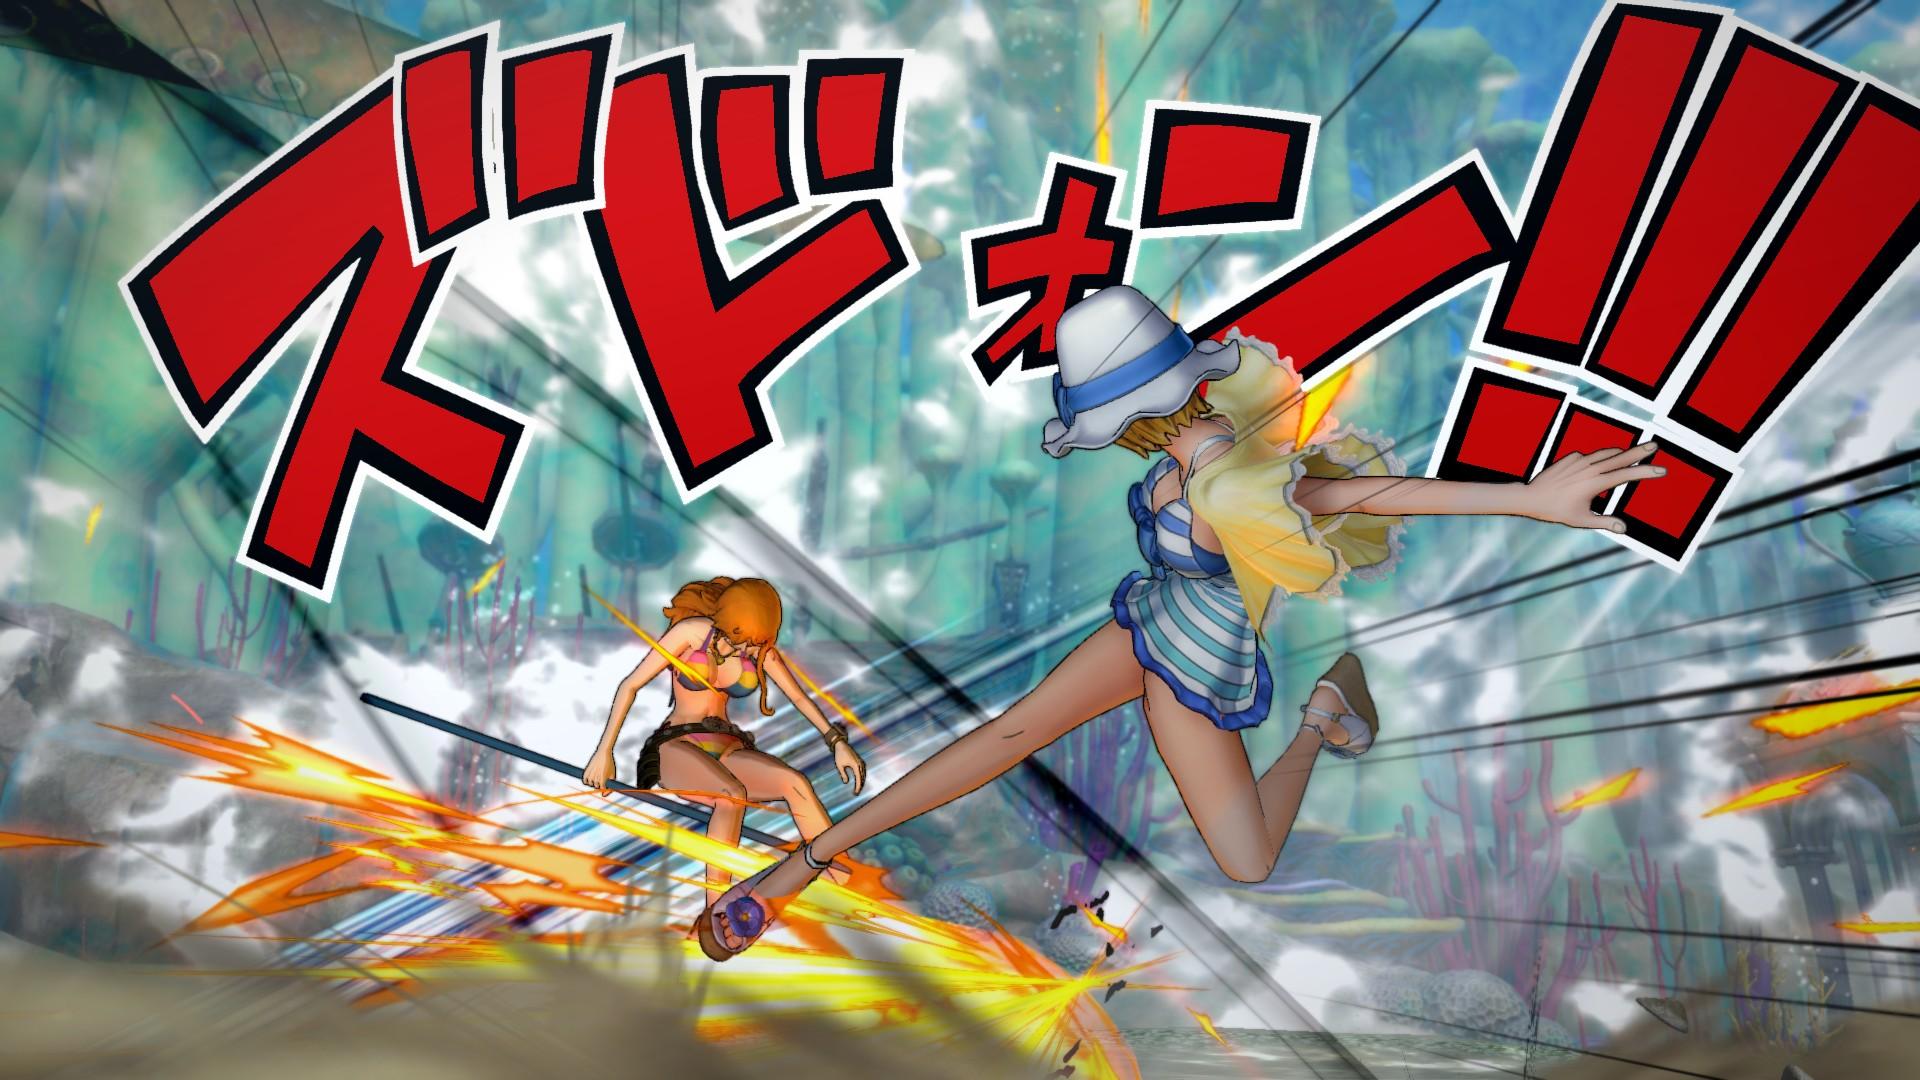 Bonusy za předobjednávku digitálních kopií One Piece: Burning Blood 122790